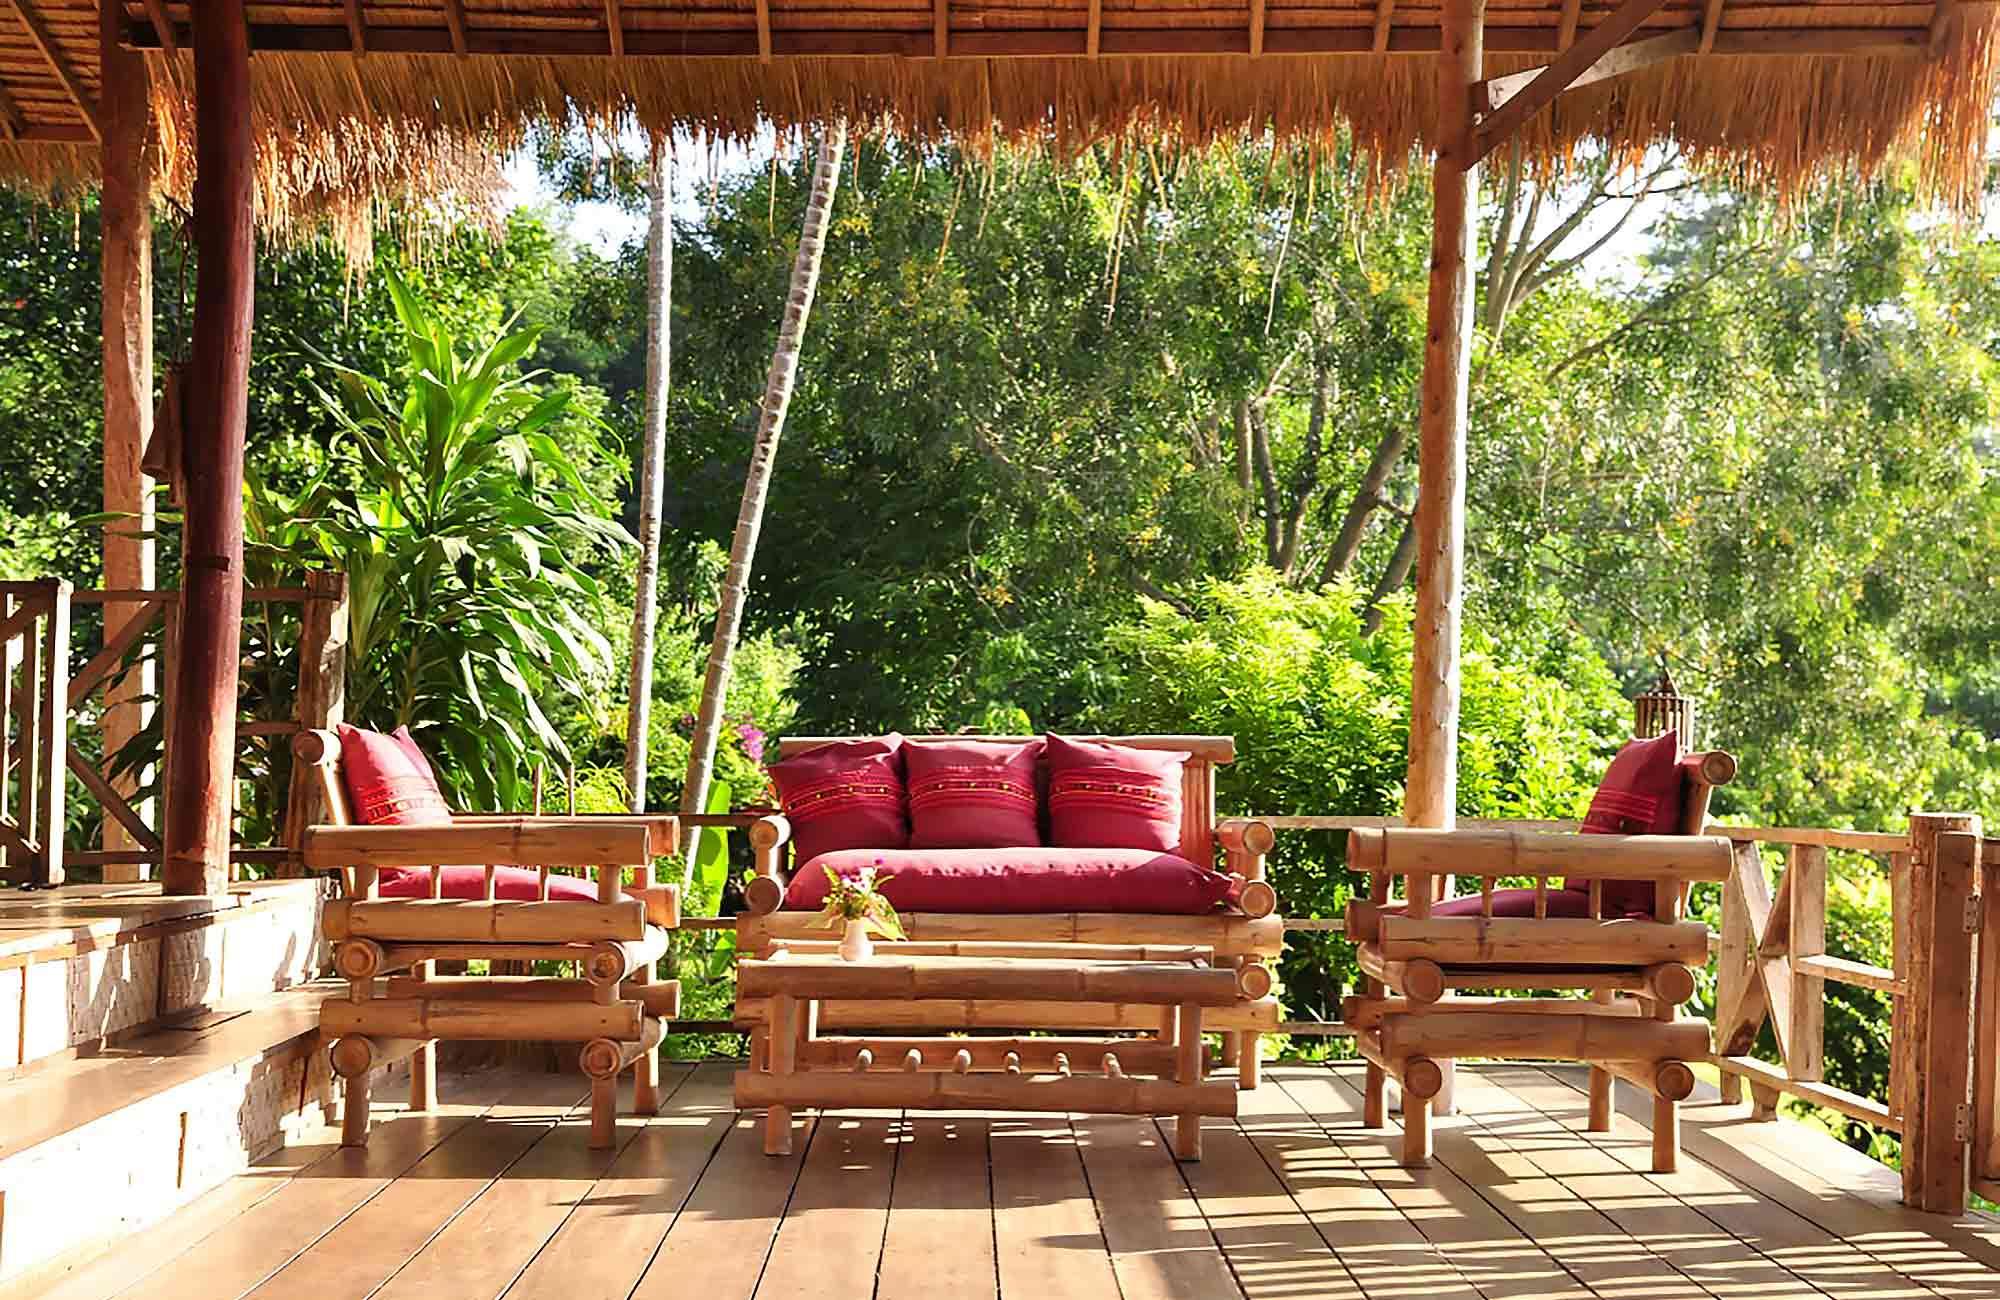 Voyage Thaïlande - Lisu Lodge - Amplitudes